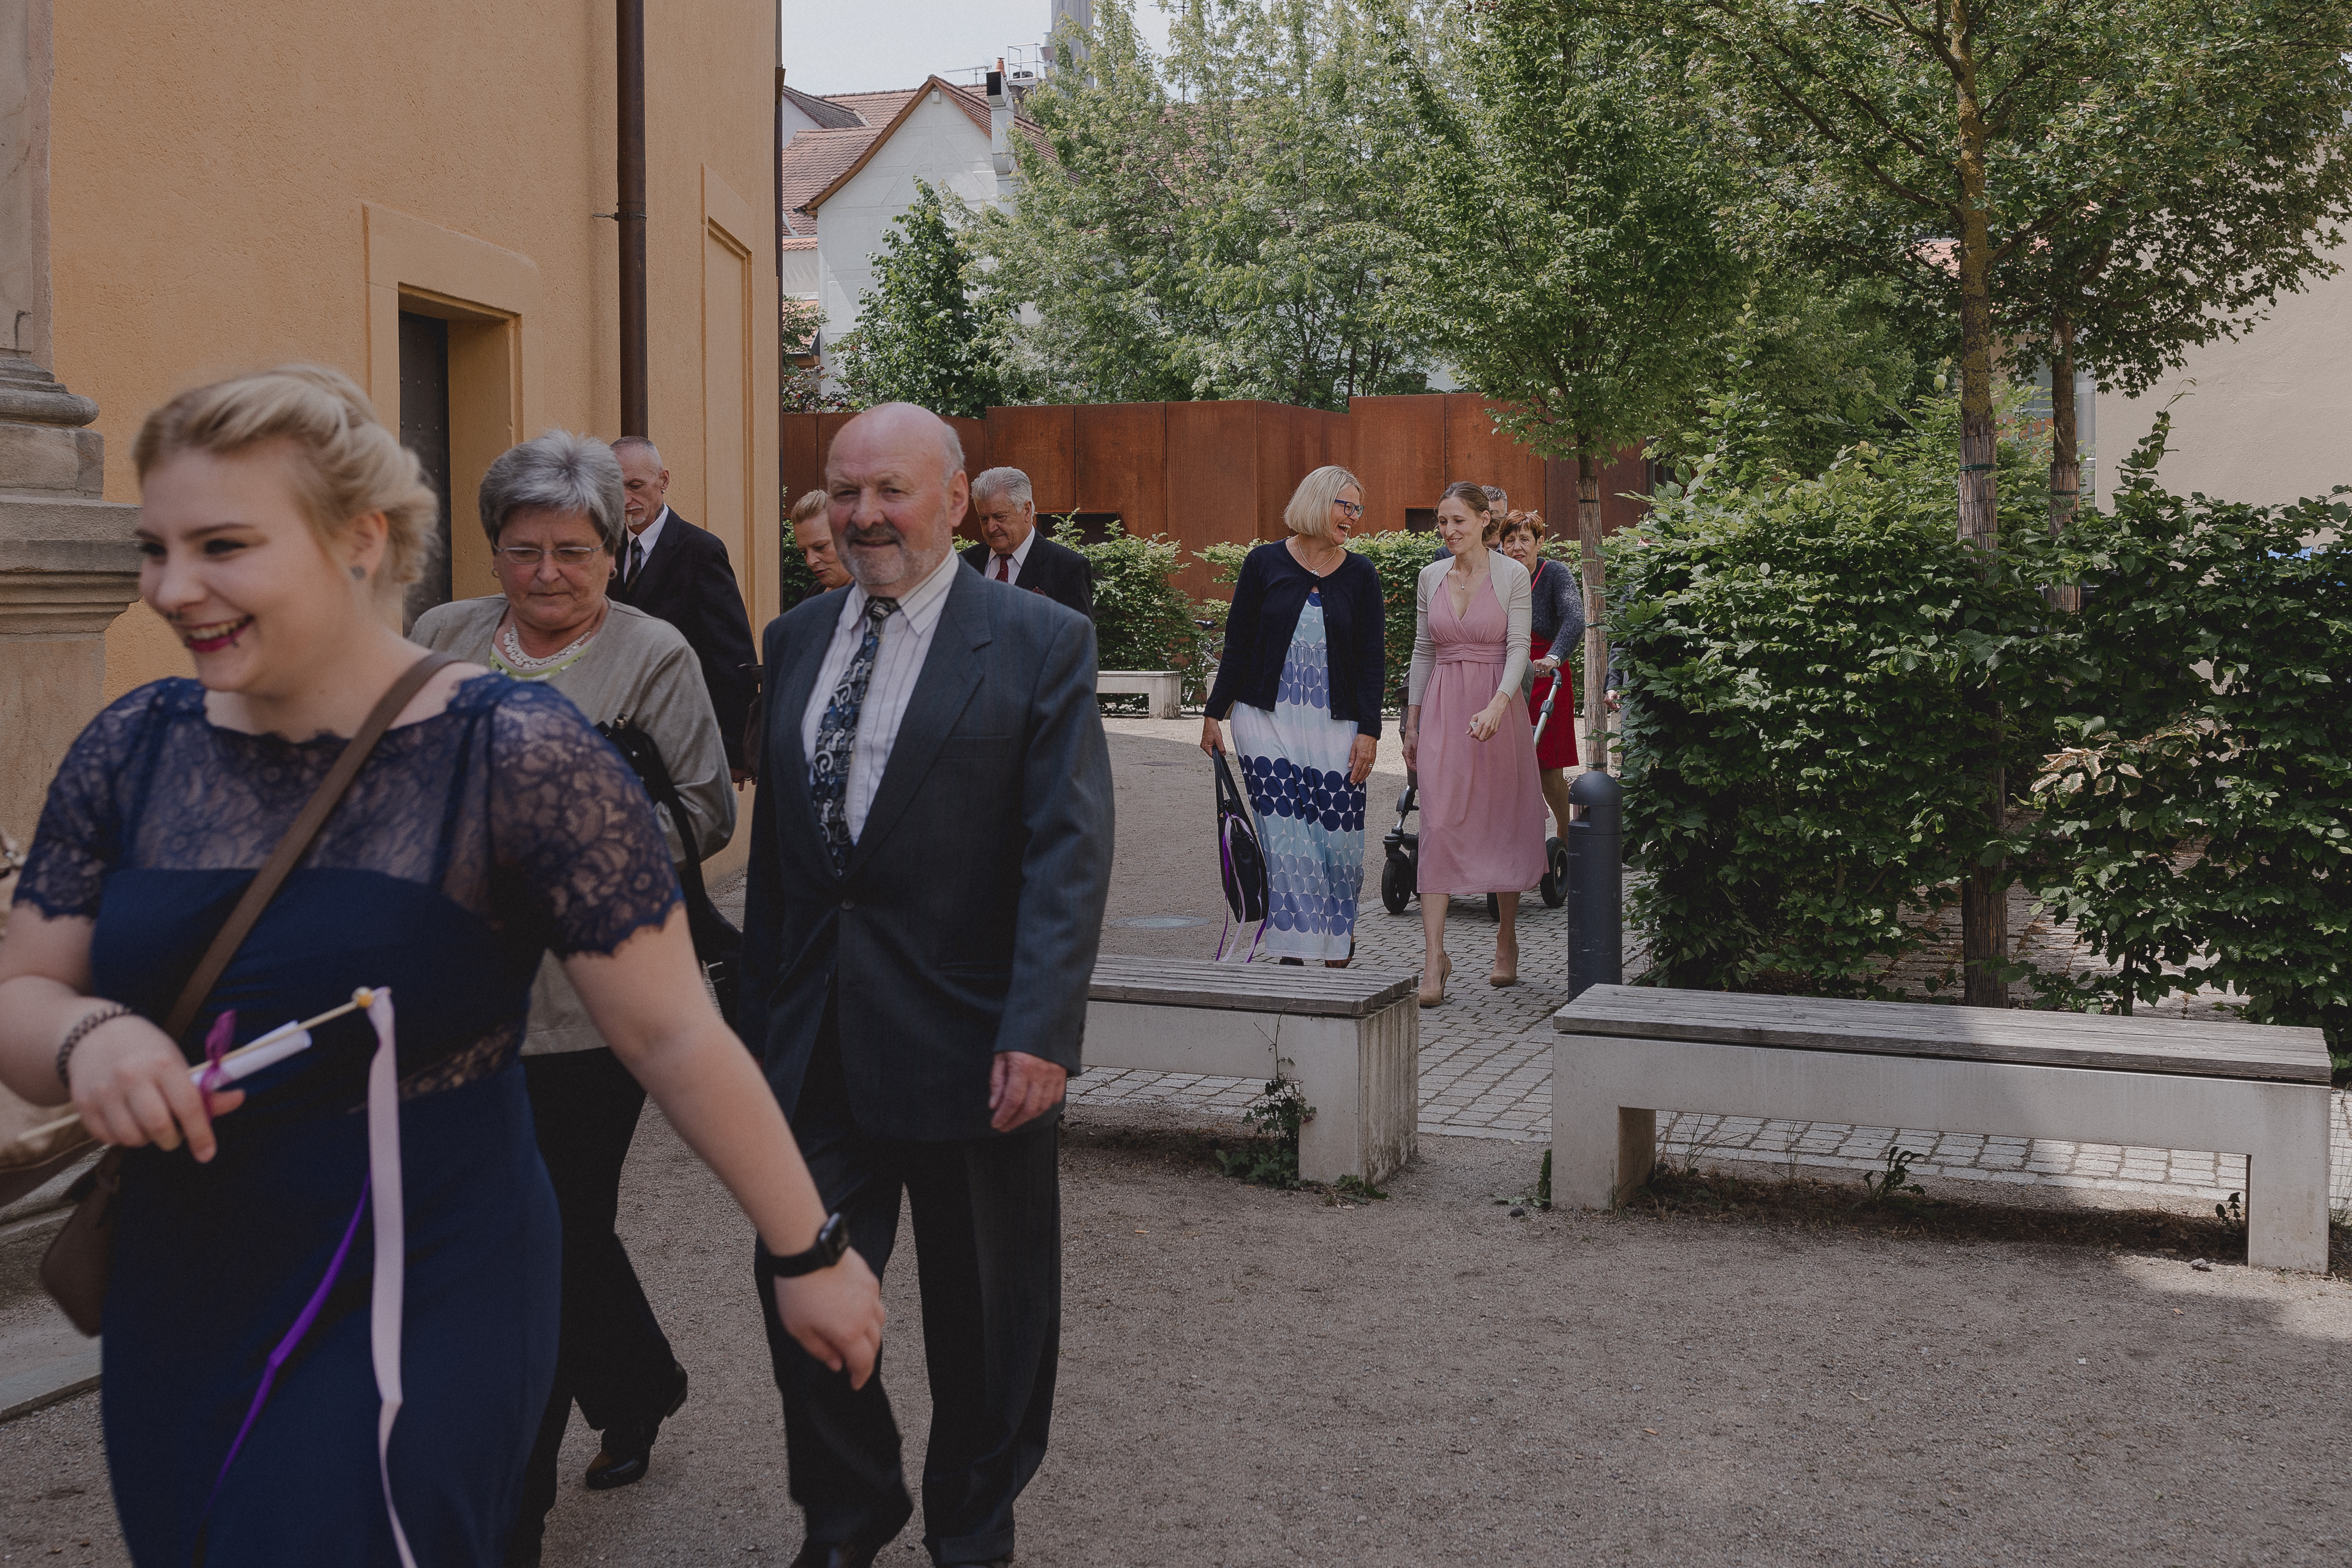 URBANERIE_Daniela_Goth_Vintage_Hochzeitsfotografin_Nuernberg_Fuerth_Erlangen_180519_0222